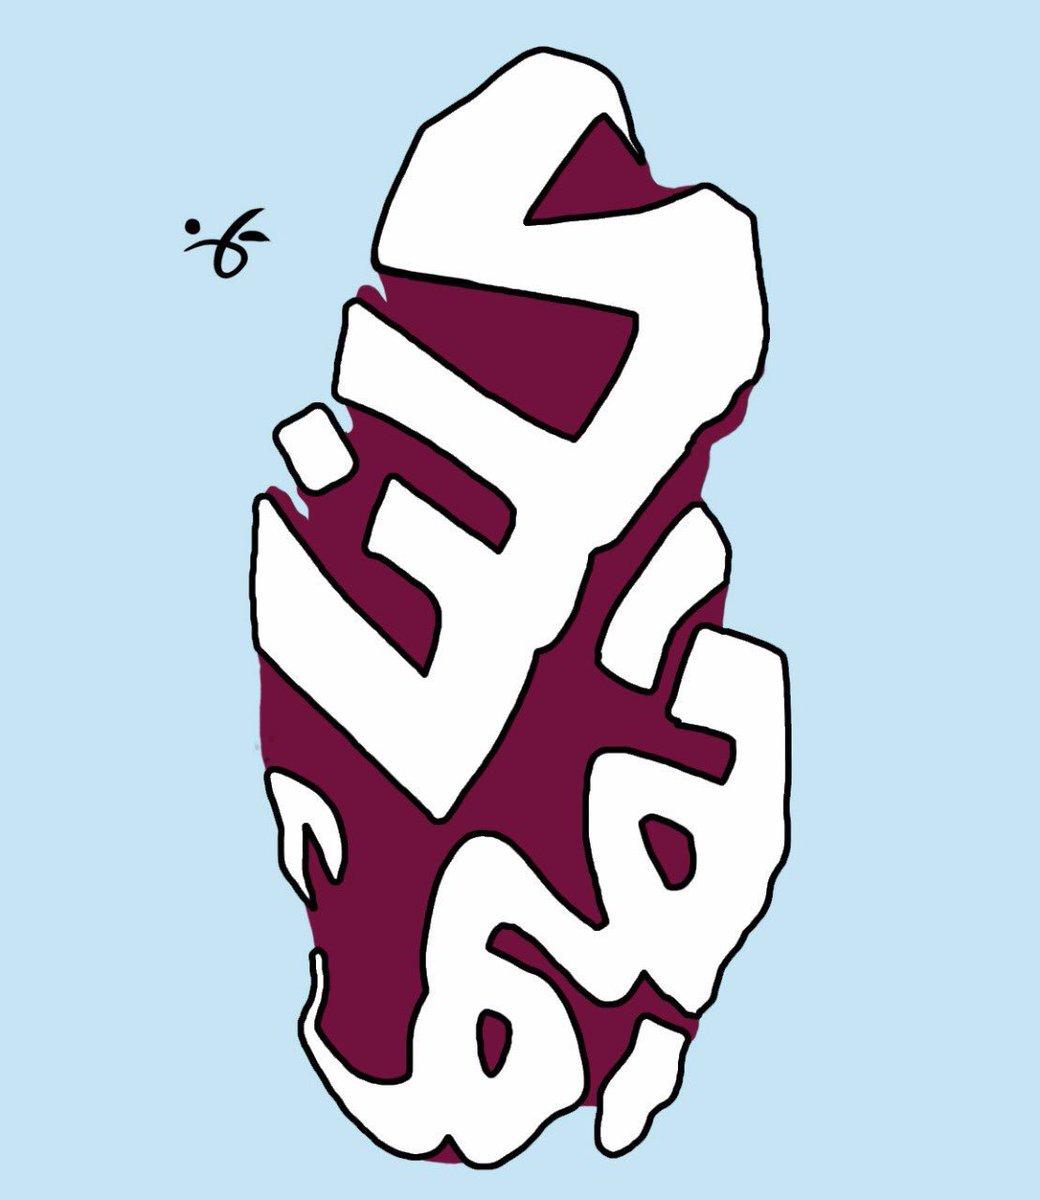 #كل_قطر_تستقبل_تميم https://t.co/IGwwLIscLr